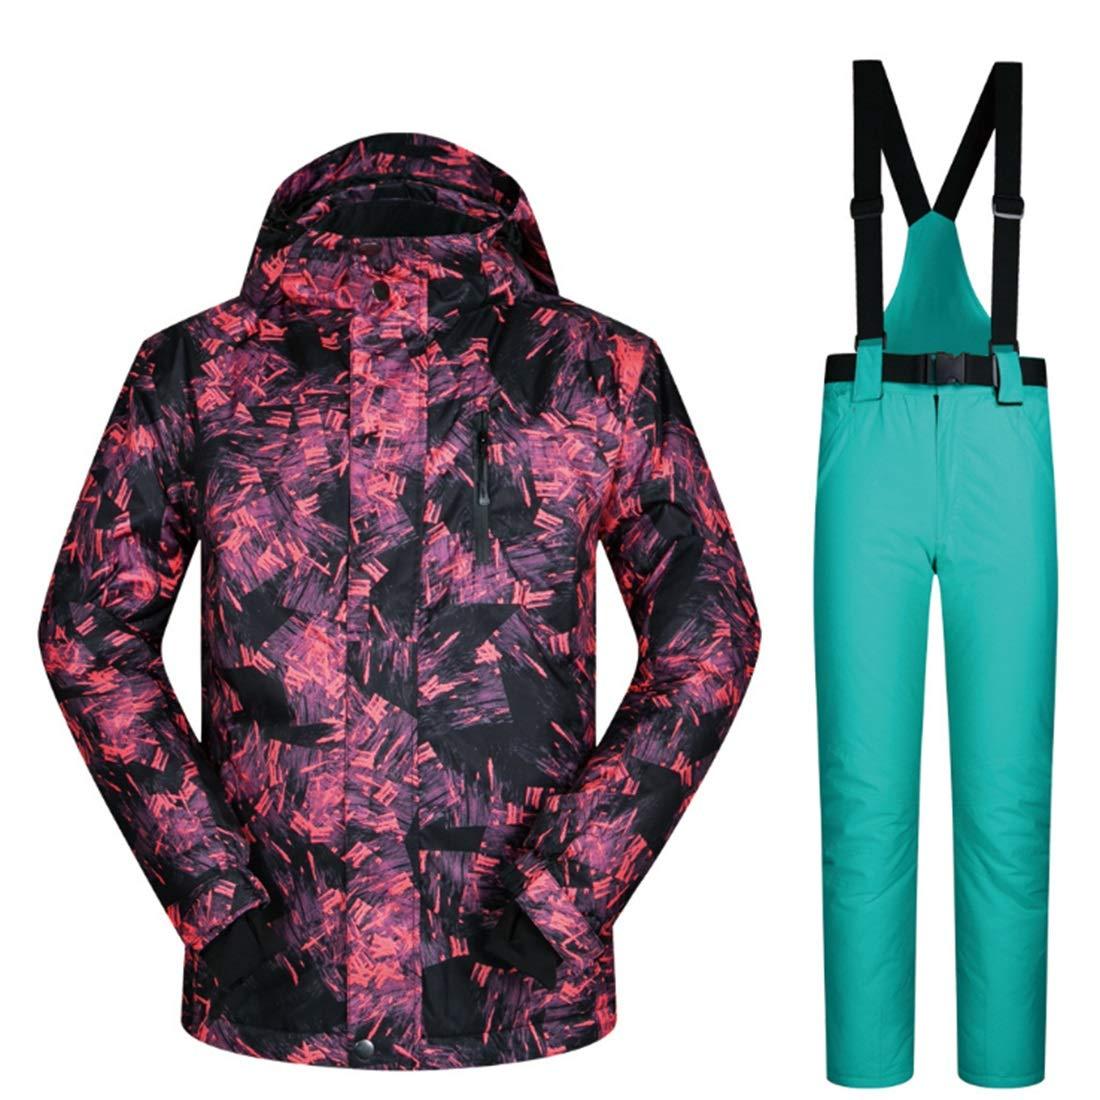 Cvthfyky Cvthfyky Cvthfyky Snowsuit da Uomo Winter Giacca da Sci e Pantaloni per la Neve da Pioggia Outdoor Hiking (Coloree   06, Dimensione   XXXL)B07MNXDDJPM 03 | Eccezionale  | Il materiale di altissima qualità  | Design affascinante  | Aspetto Attraente  | Diversif cc0310